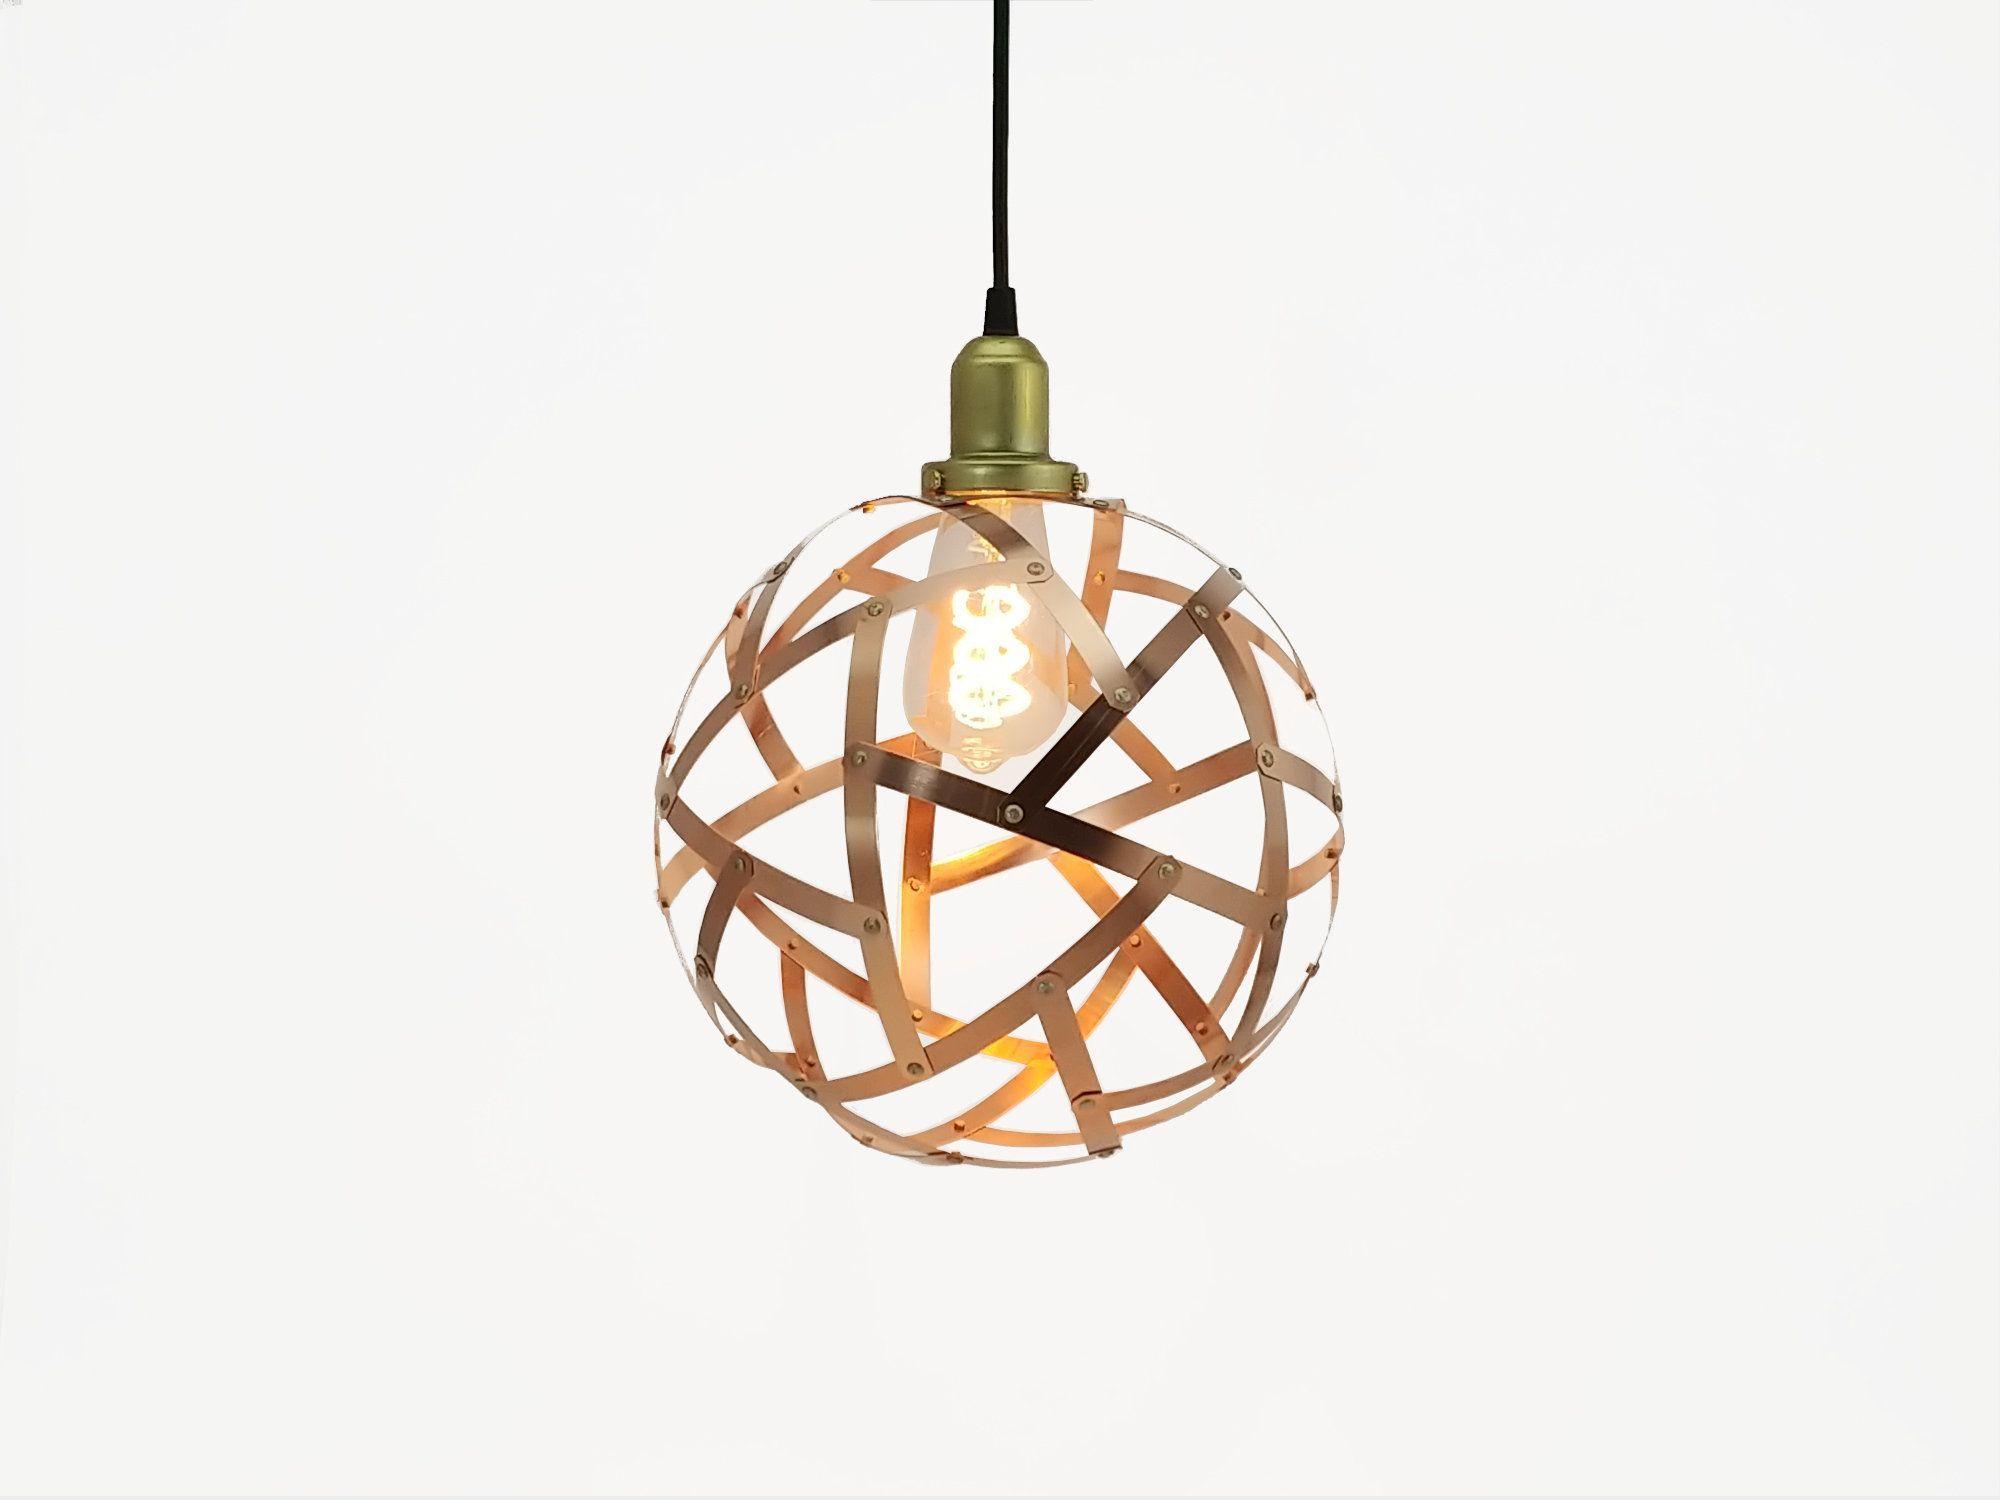 Copper Orb Light / Globe Pendant Light / Hanging Lamp / Copper Sphere / Dinning Table Lamp / Over Kitchen Island Light / UL listed#copper #dinning #globe #hanging #island #kitchen #lamp #light #listed #orb #pendant #sphere #table